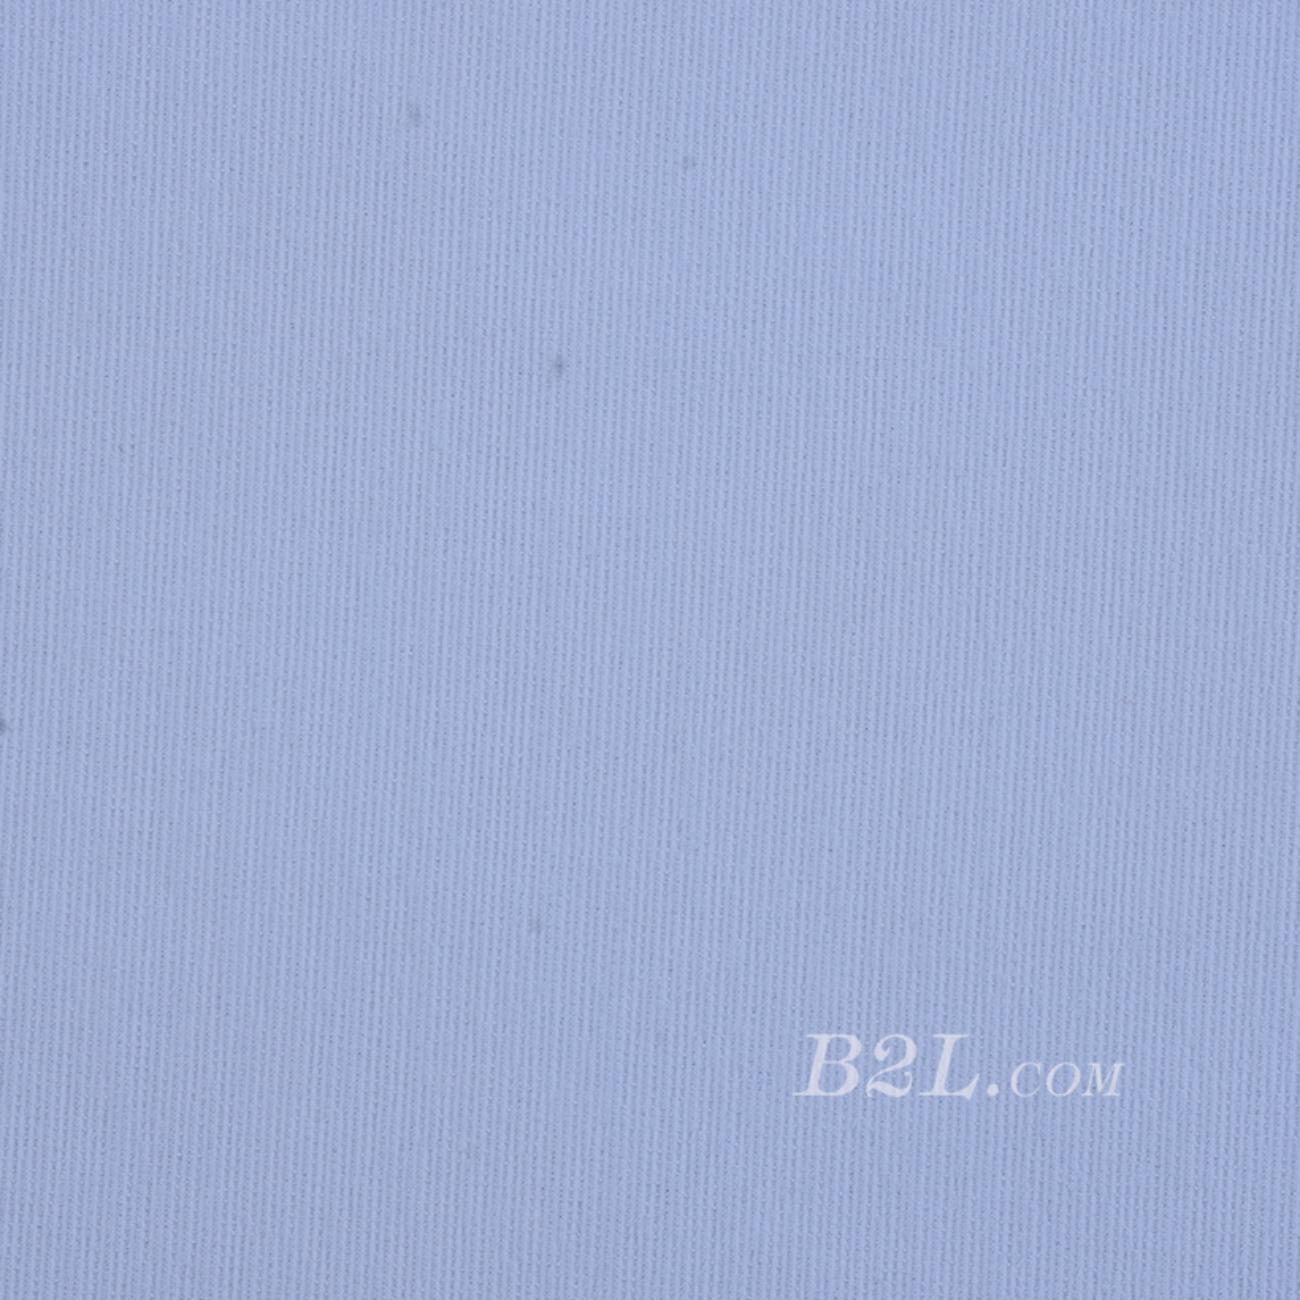 梭织素色染色连衣裙 短裙 衬衫 低弹 春 秋 柔软 70823-16